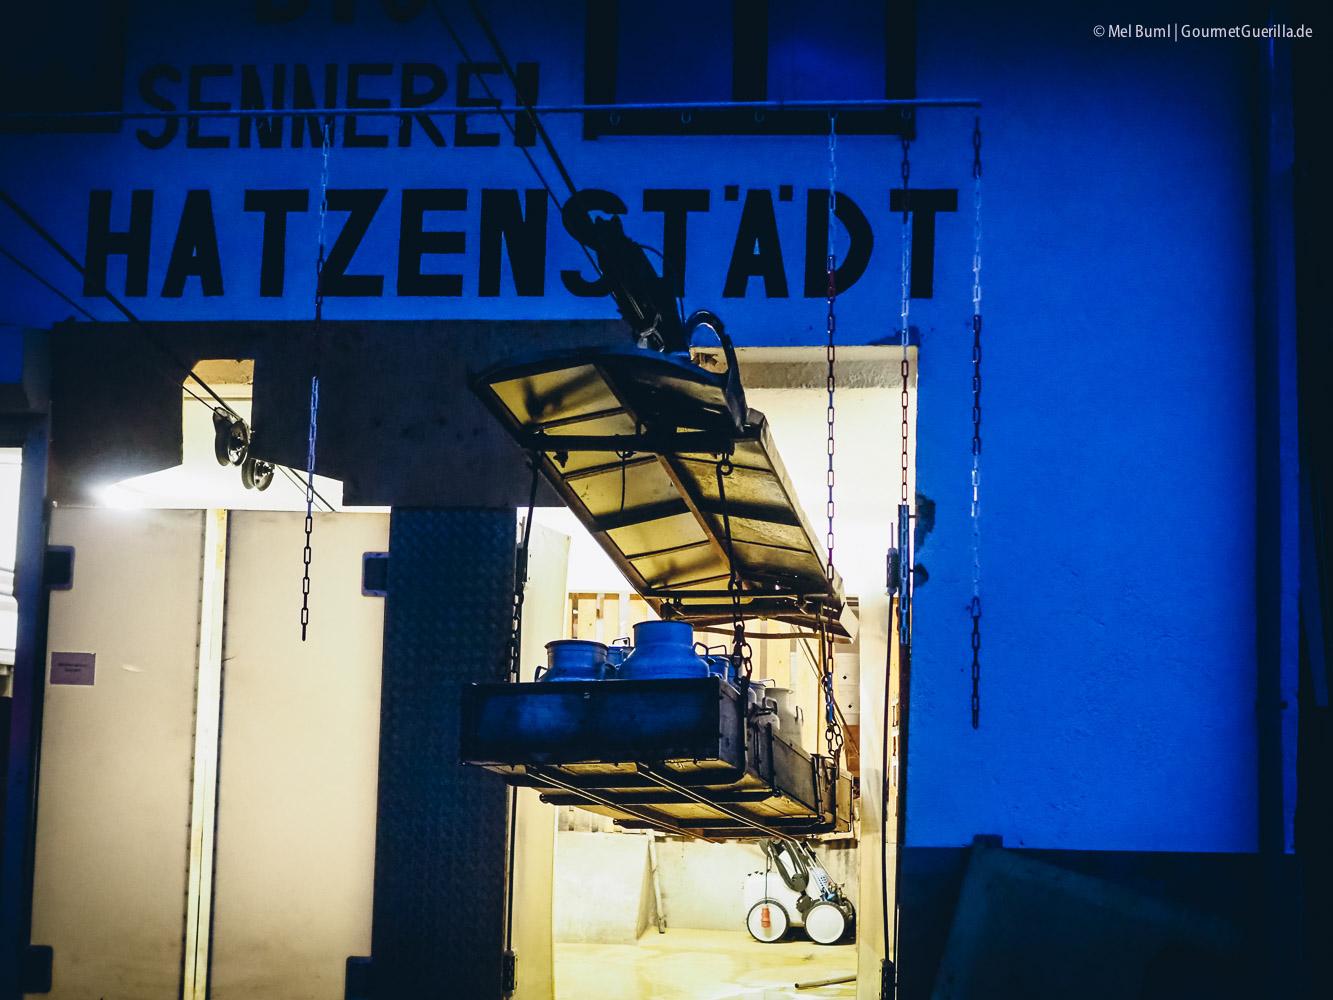 Die fliegenden Milchkannen der Bio-Sennerei Hatzernstaedt Heumilch g.t.S. #sennermeetsblogger |GourmetGuerilla.de